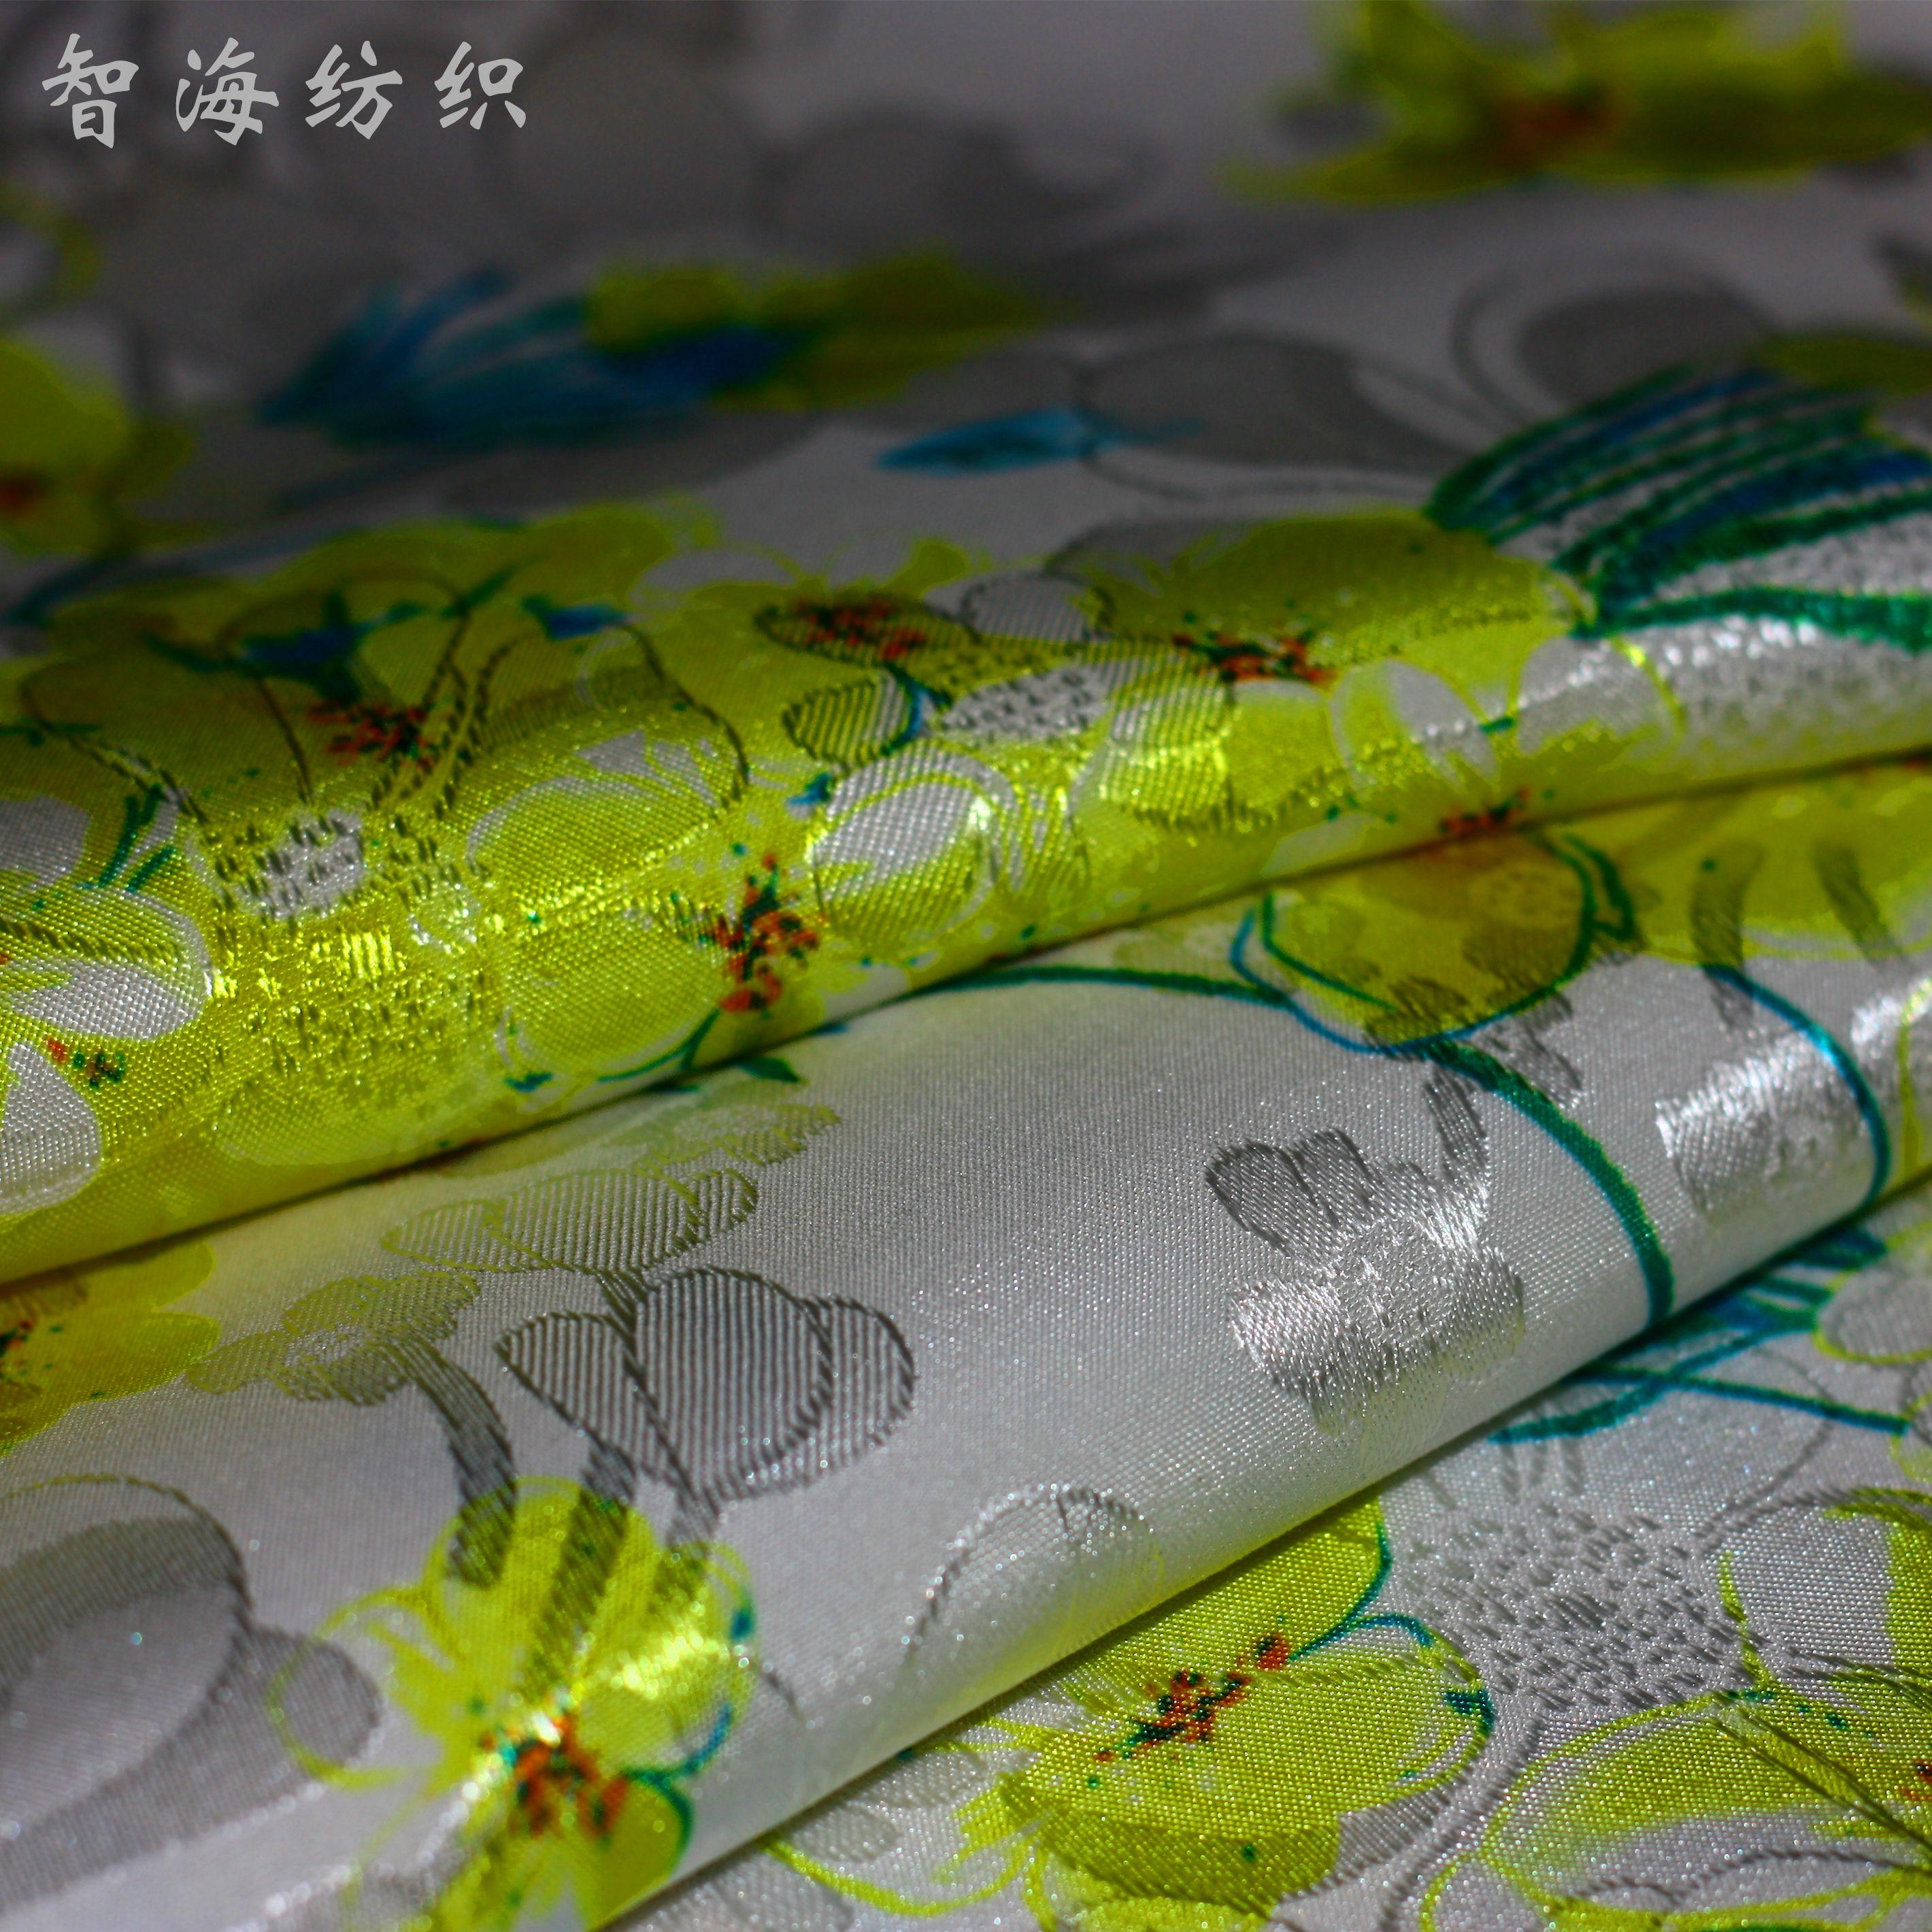 秋季高档弹力印花暗纹提花绸布缎面复古旗袍连衣裙服装布料面料